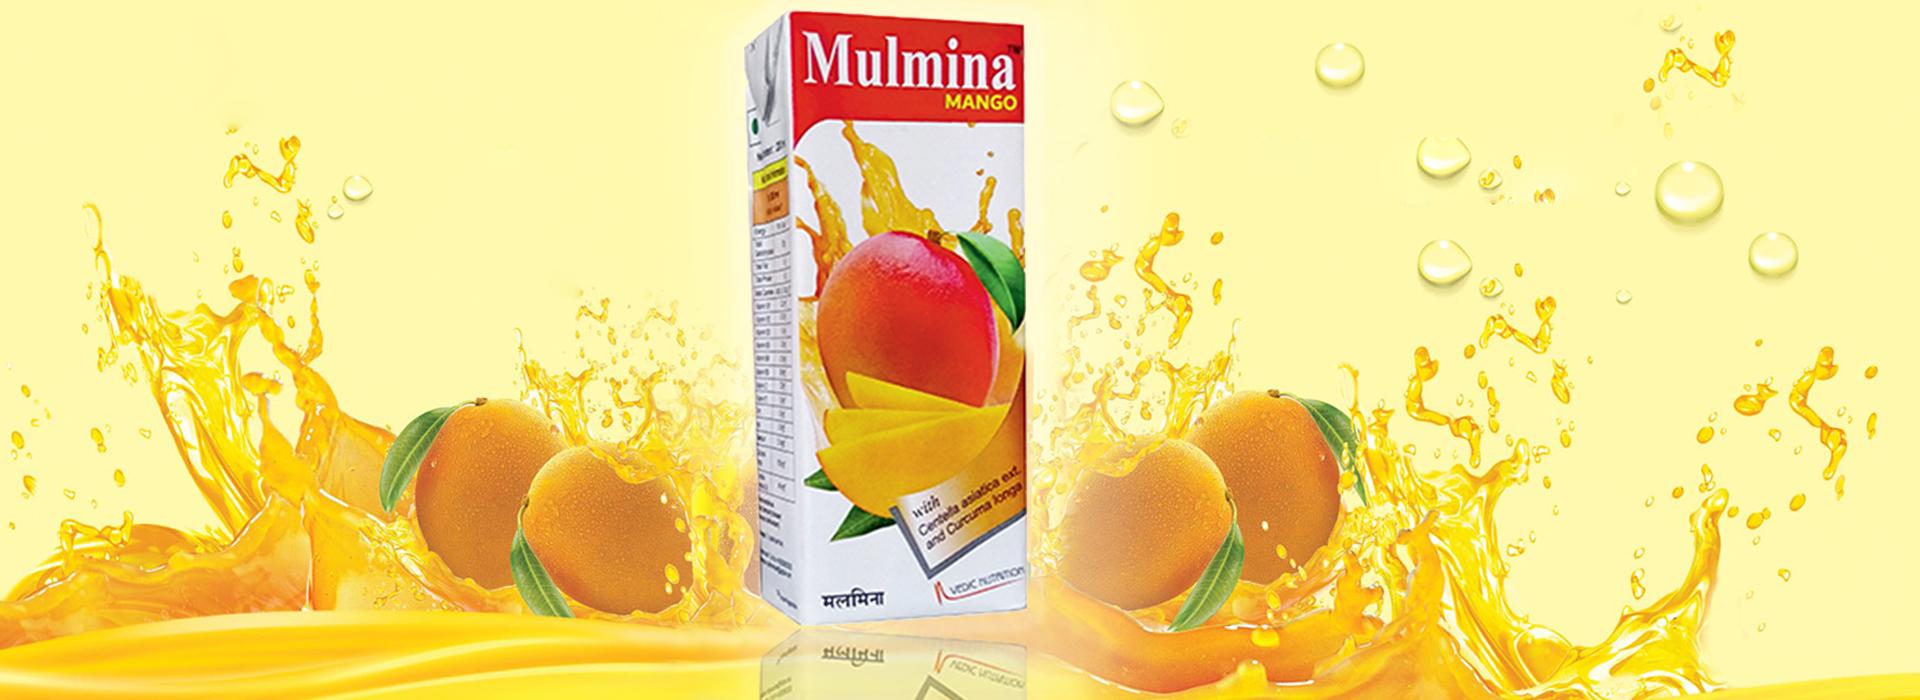 Mulmina-Banner